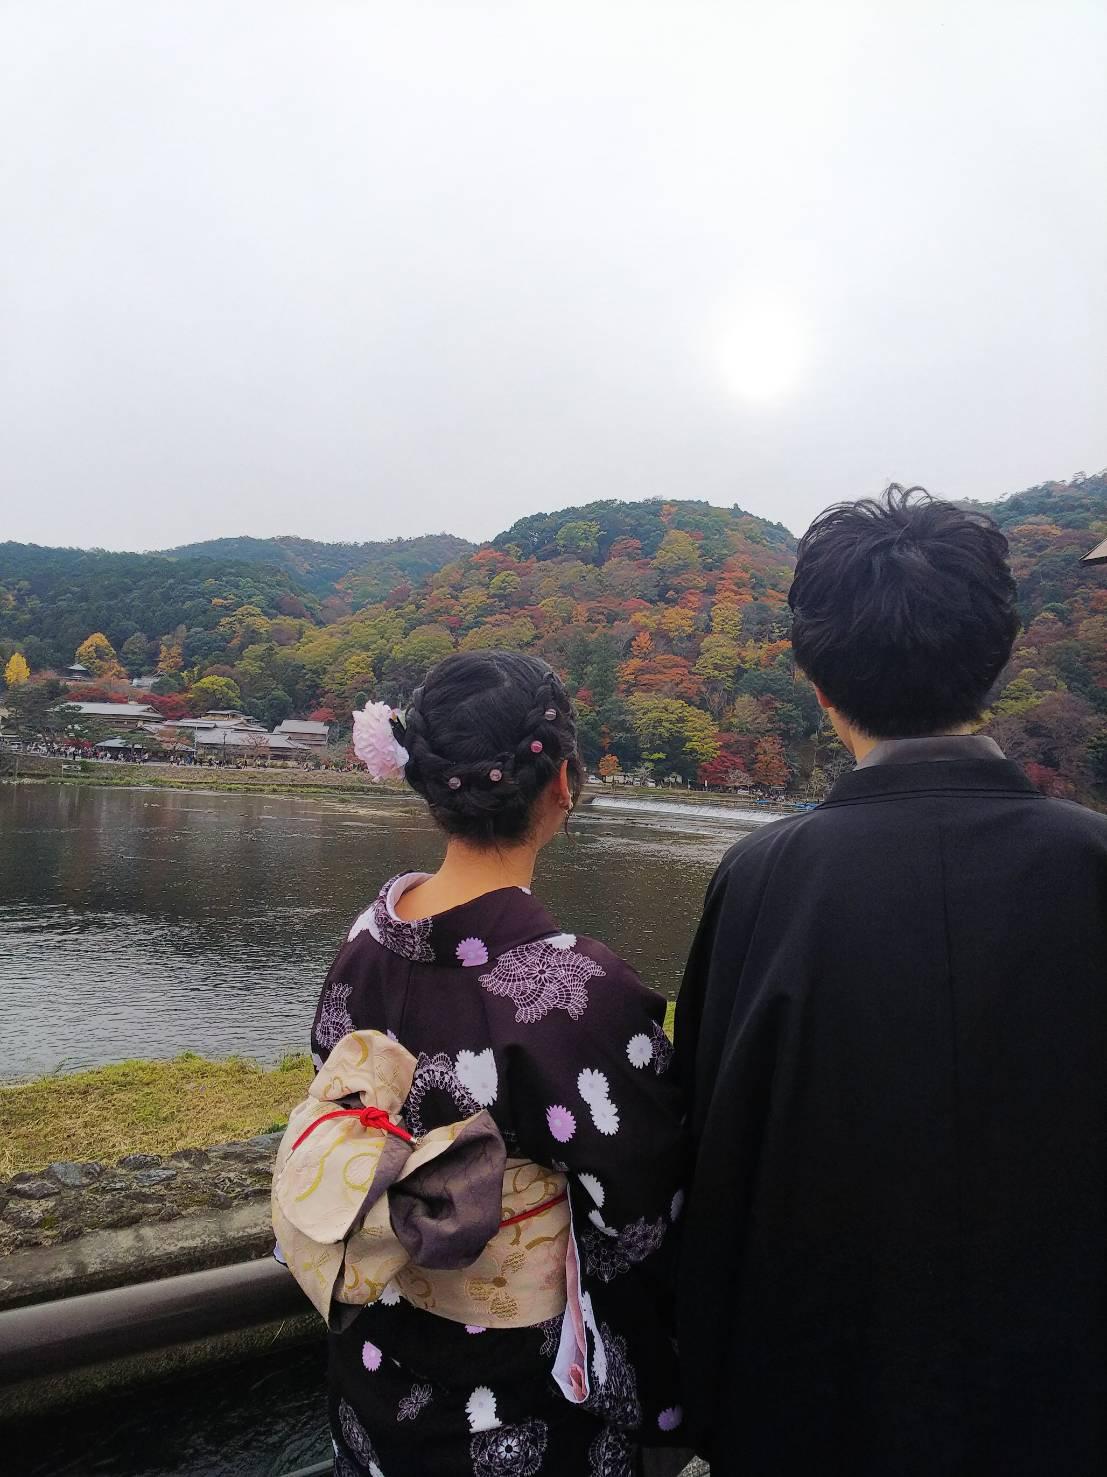 京都は紅葉見頃で~す2019年11月24日10